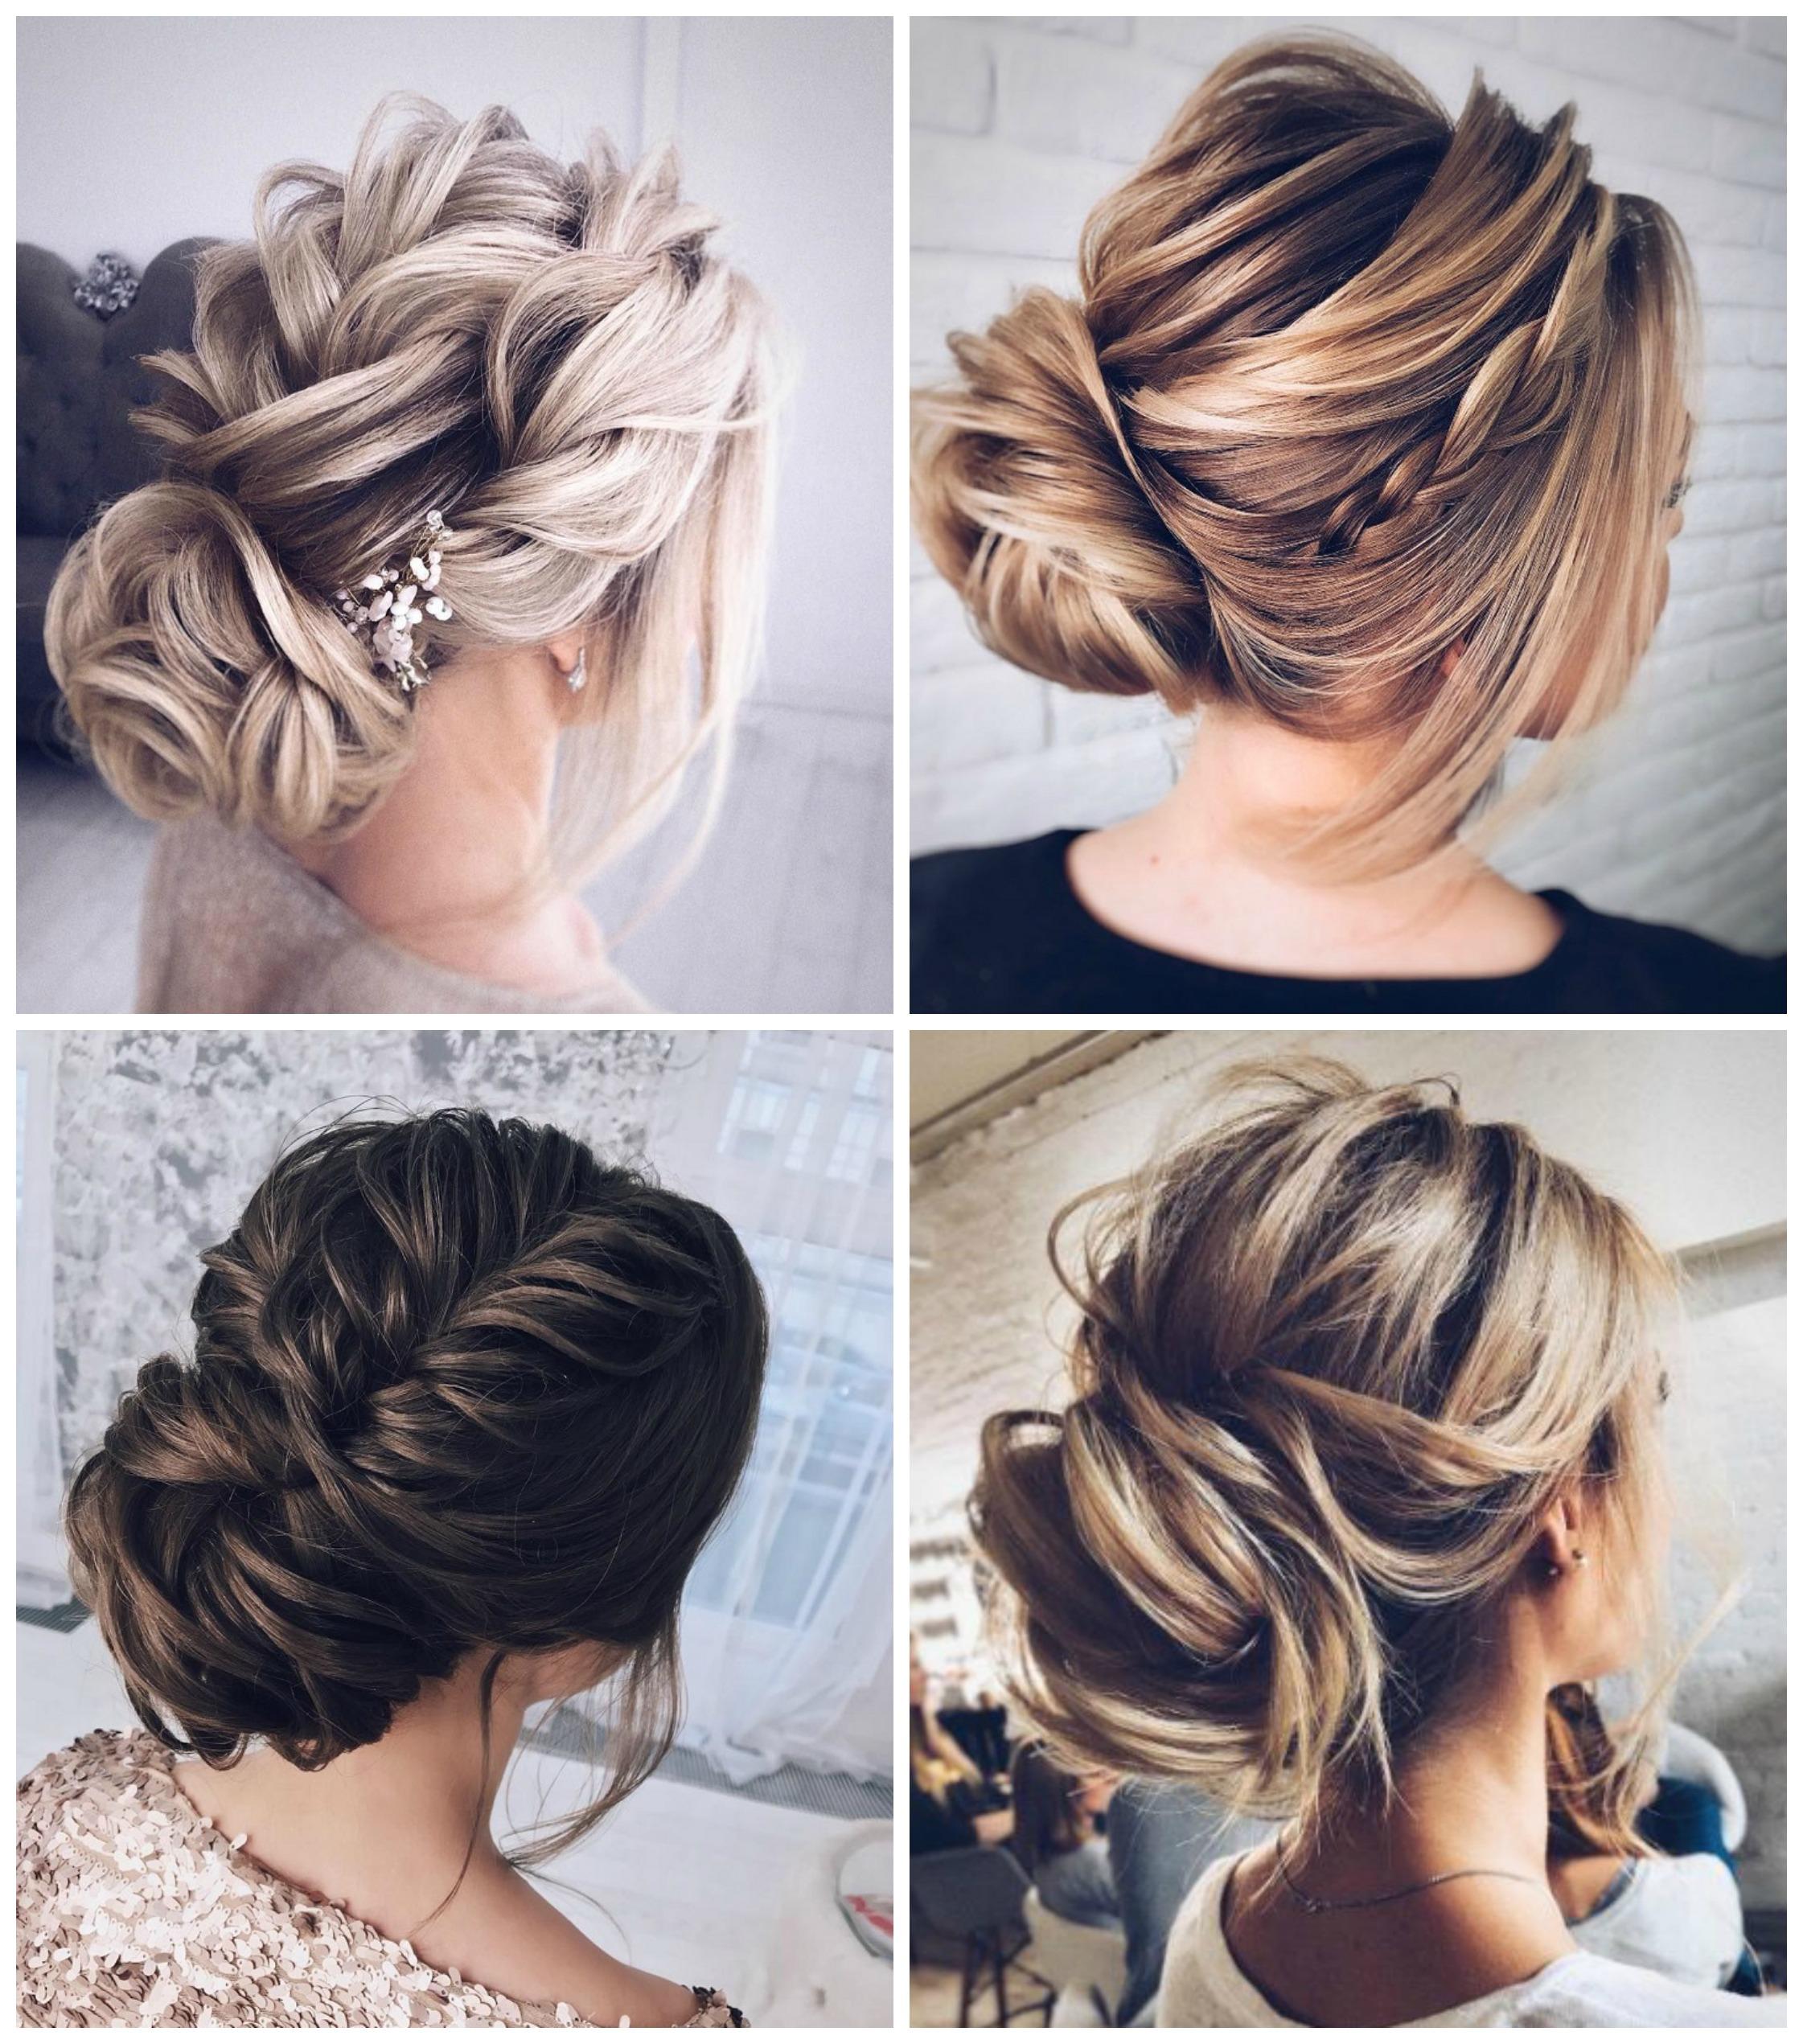 bröllopsfrisyr axellångt hår